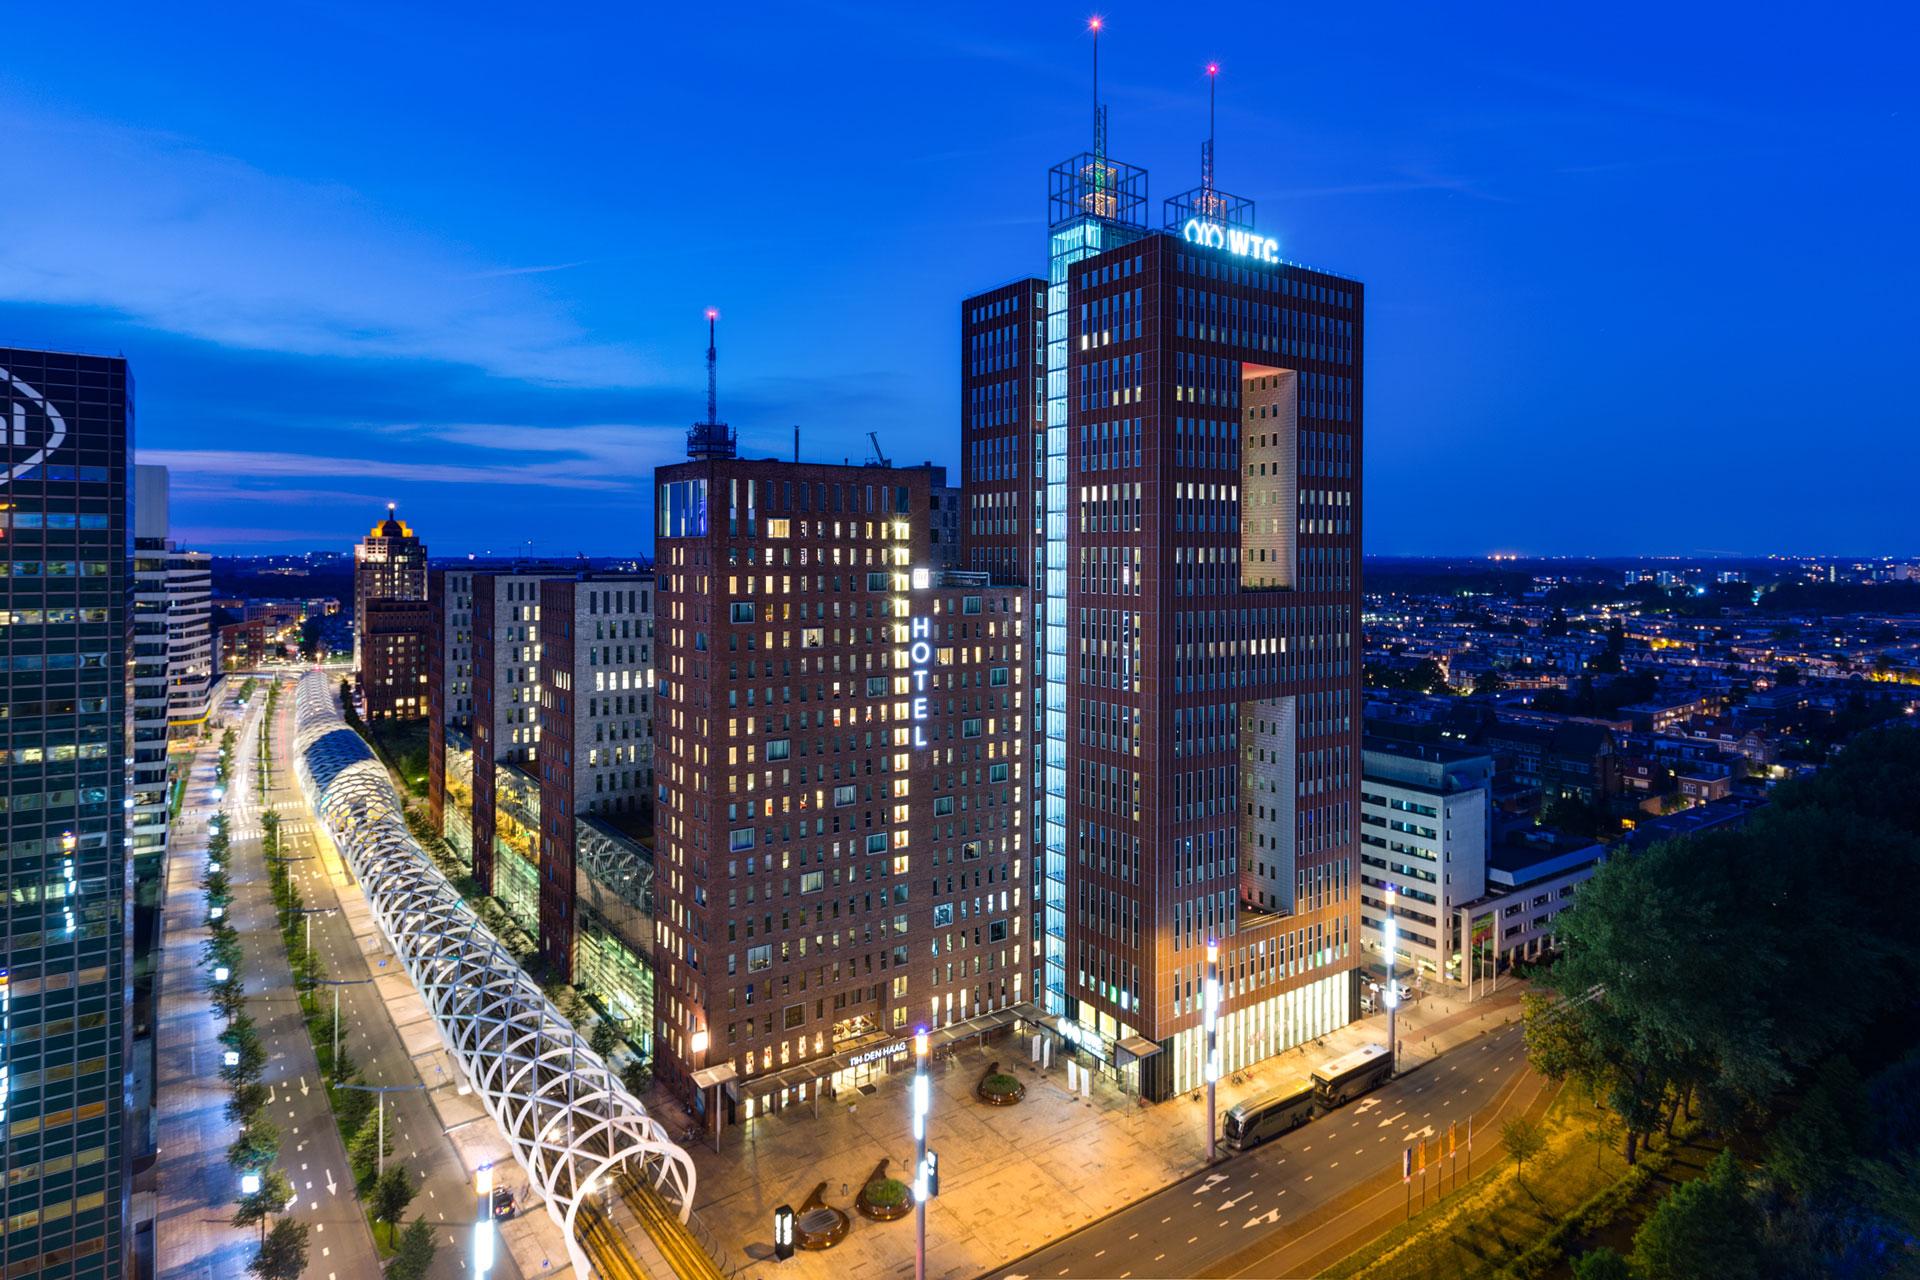 Nachtfoto van het gebouw